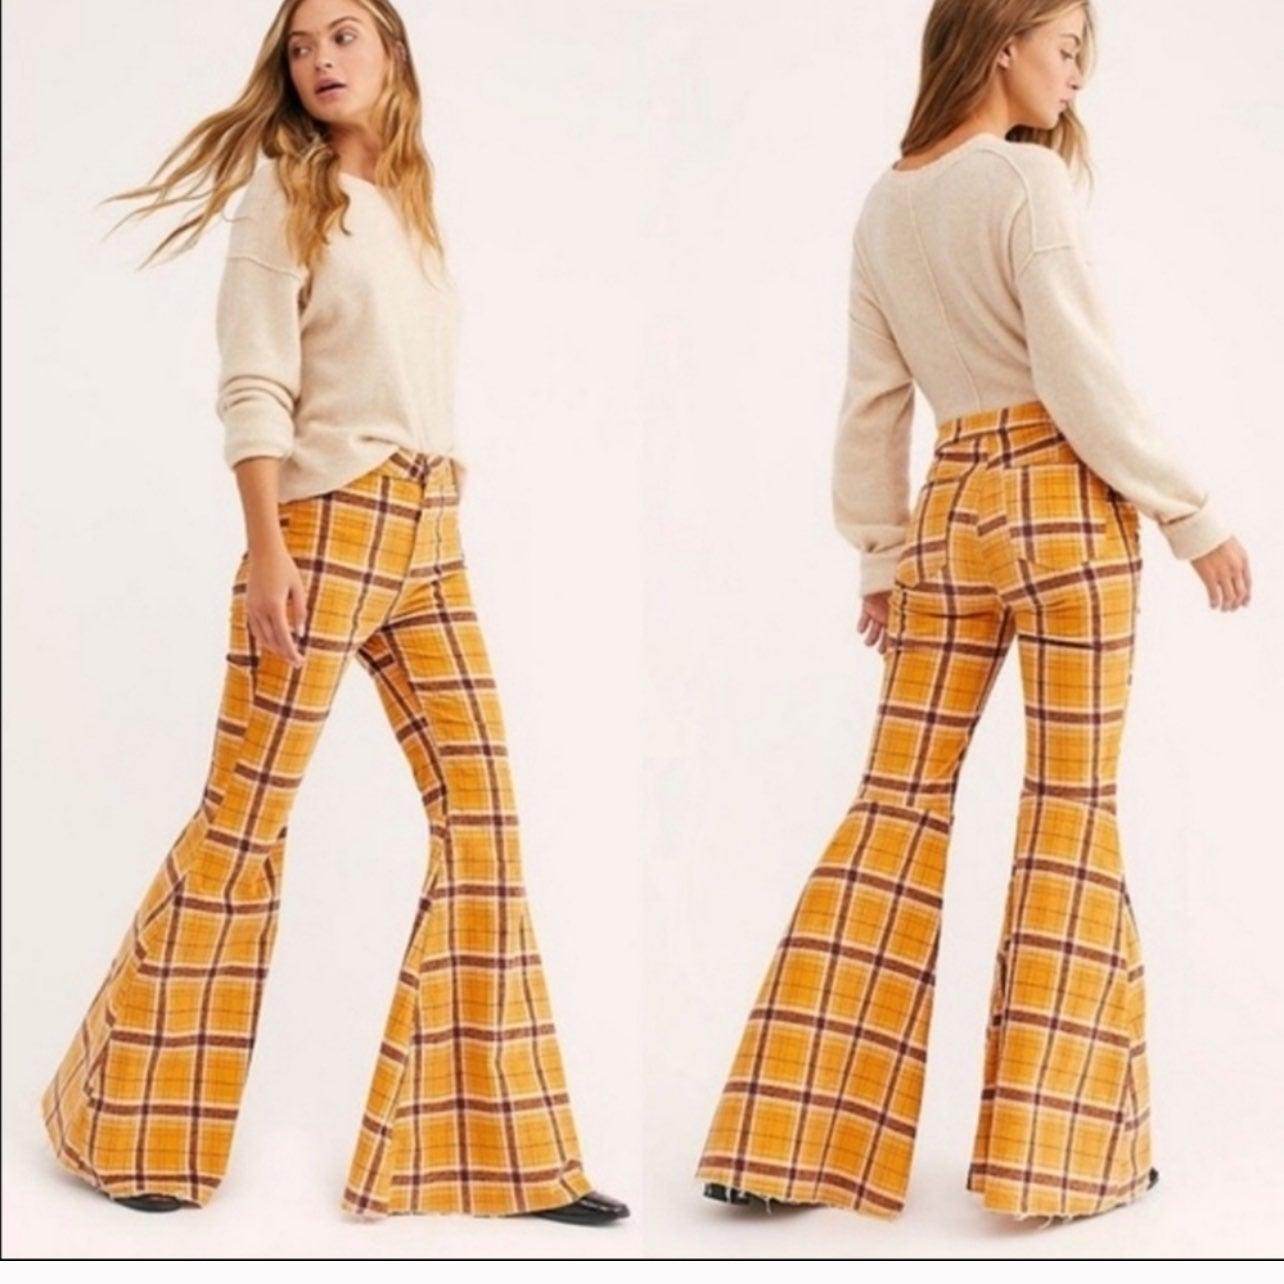 Free people mustard plaid jeans